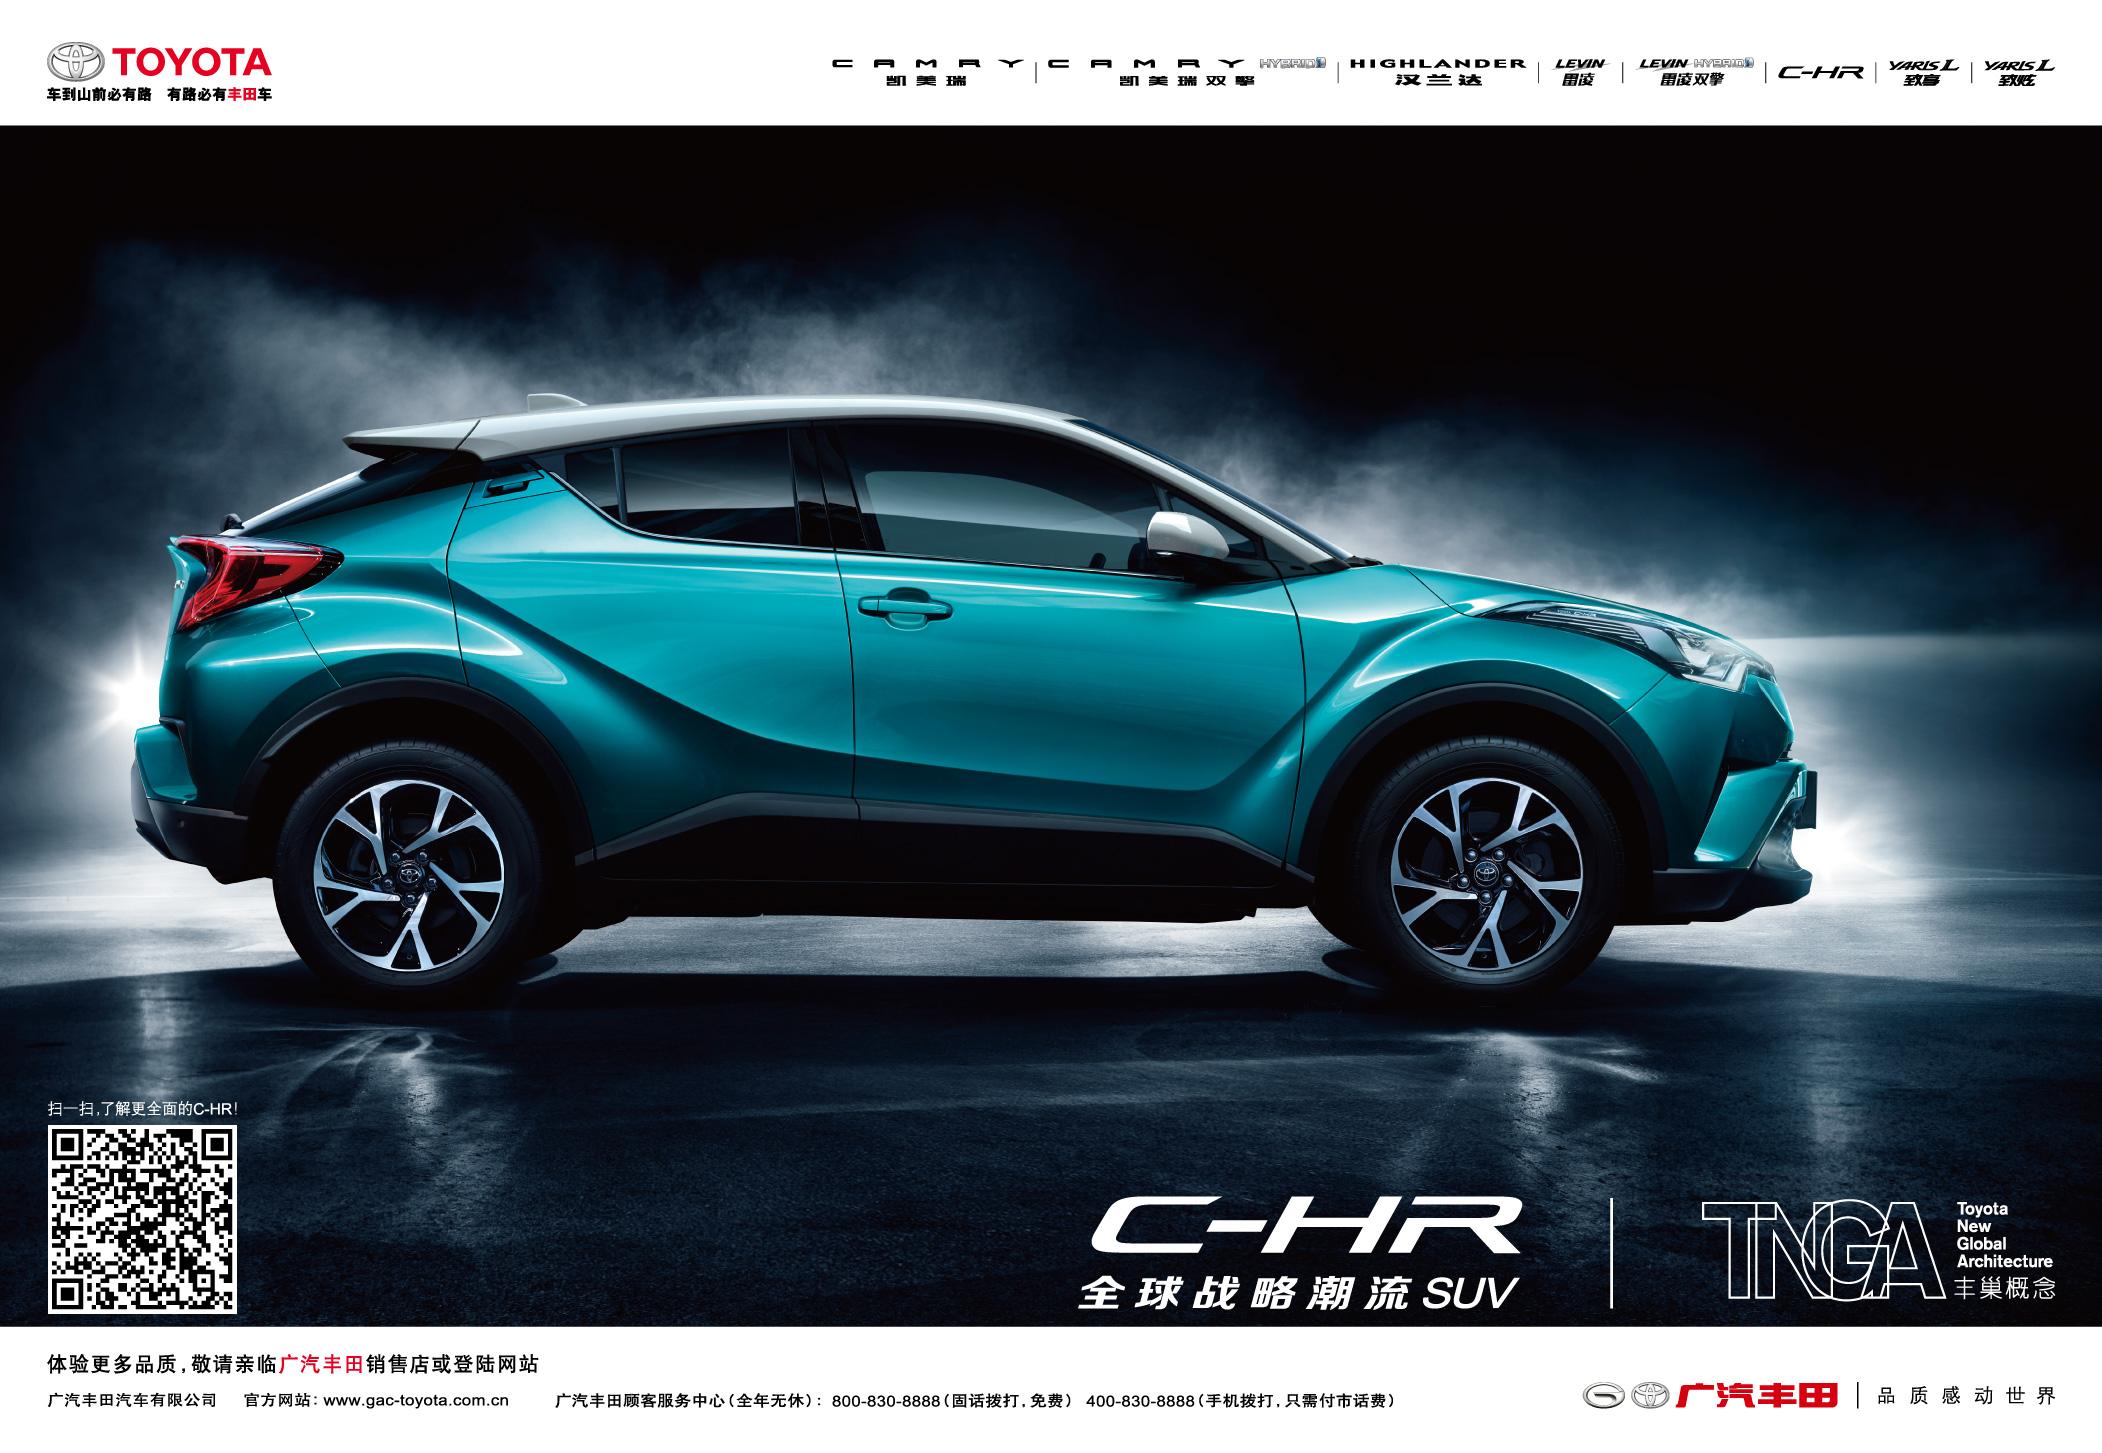 丰田C-HR售价14.18万起 欢迎试乘试驾